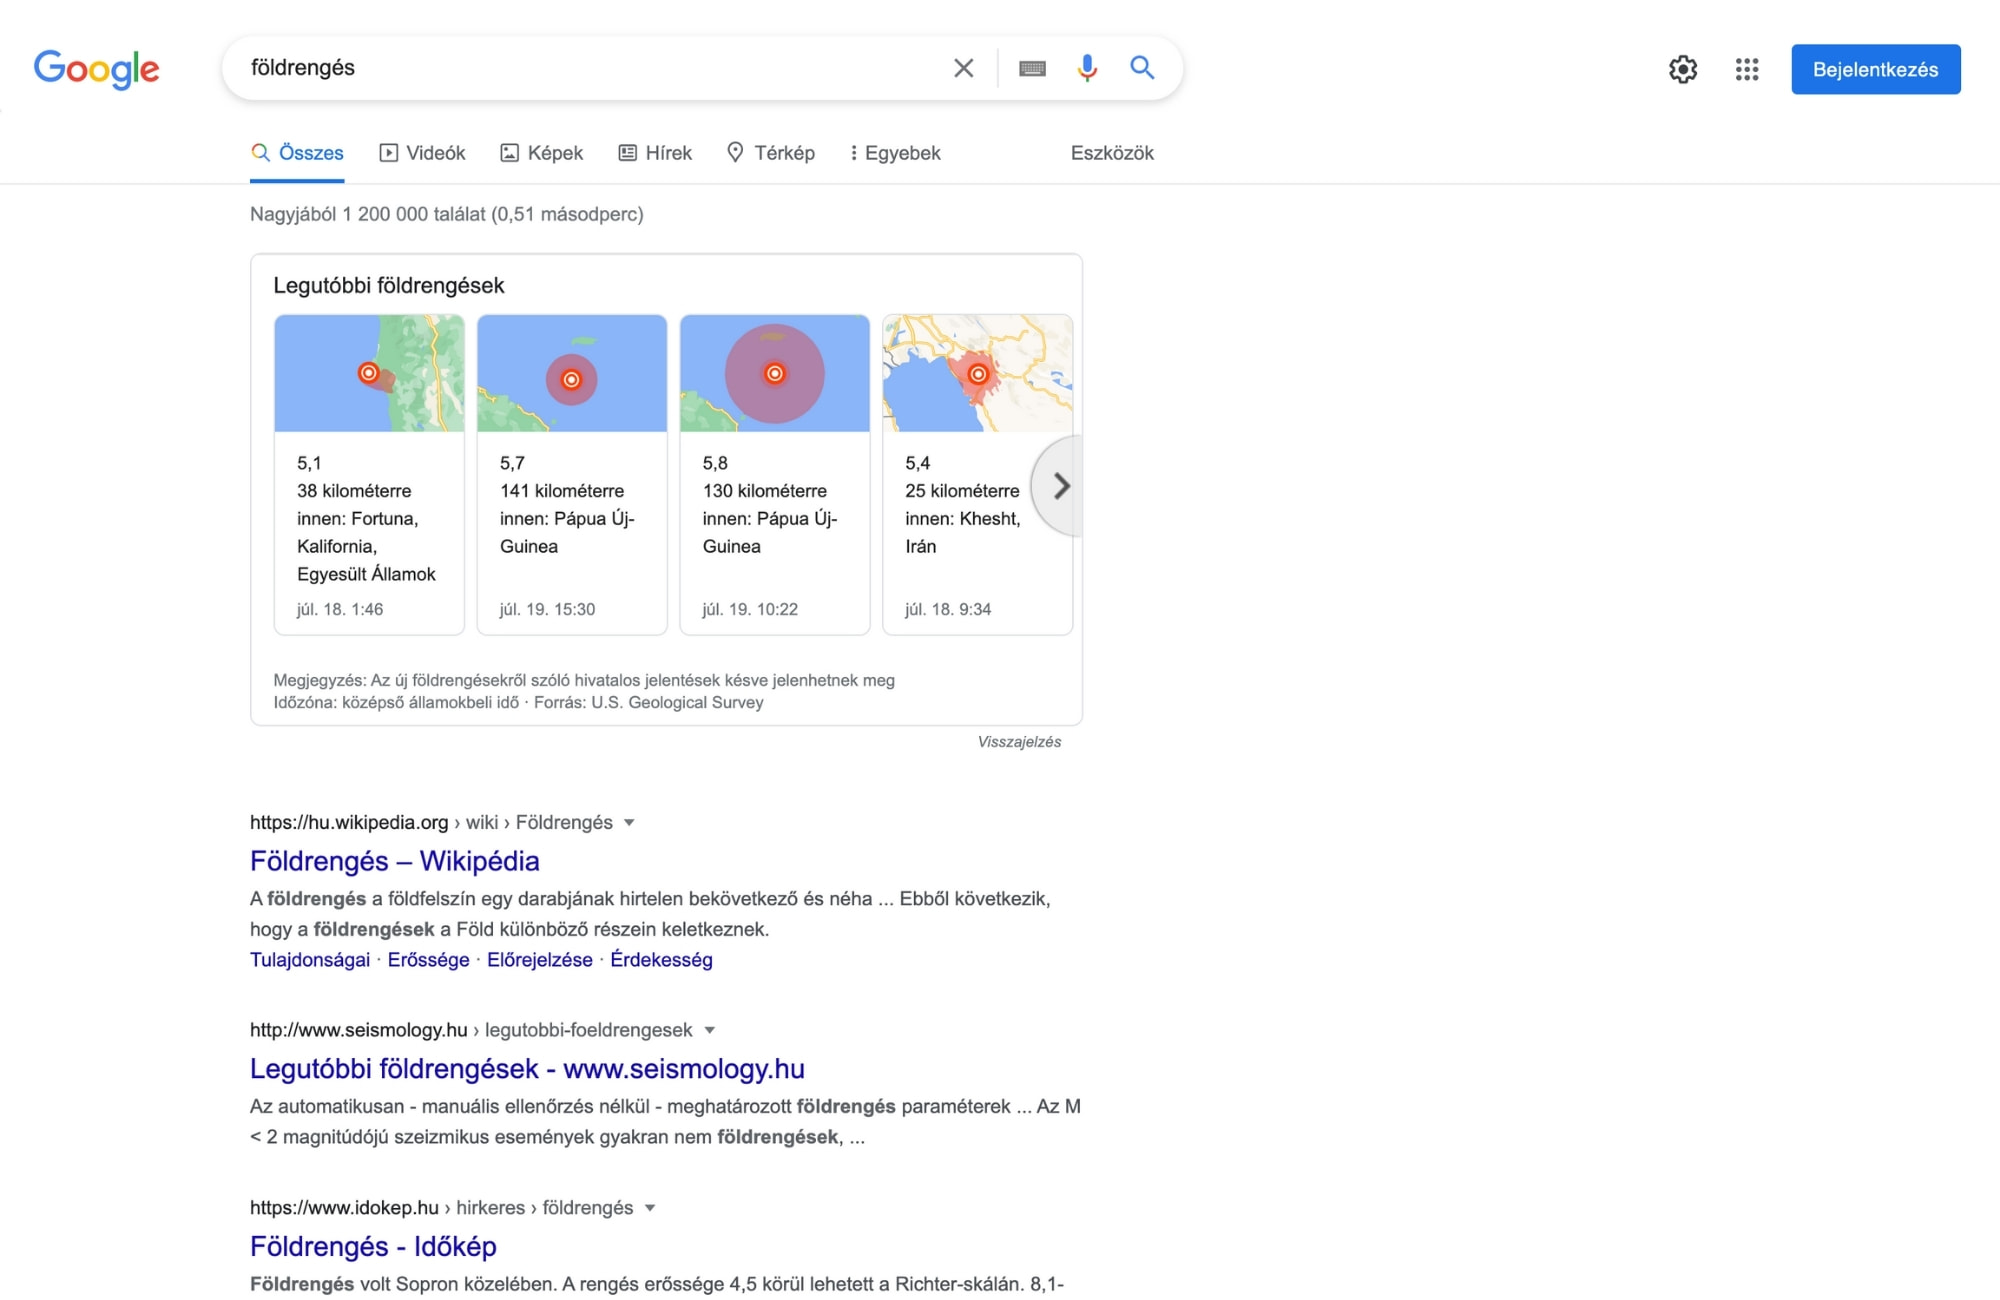 Információs célú keresési szándék, például: földrengés